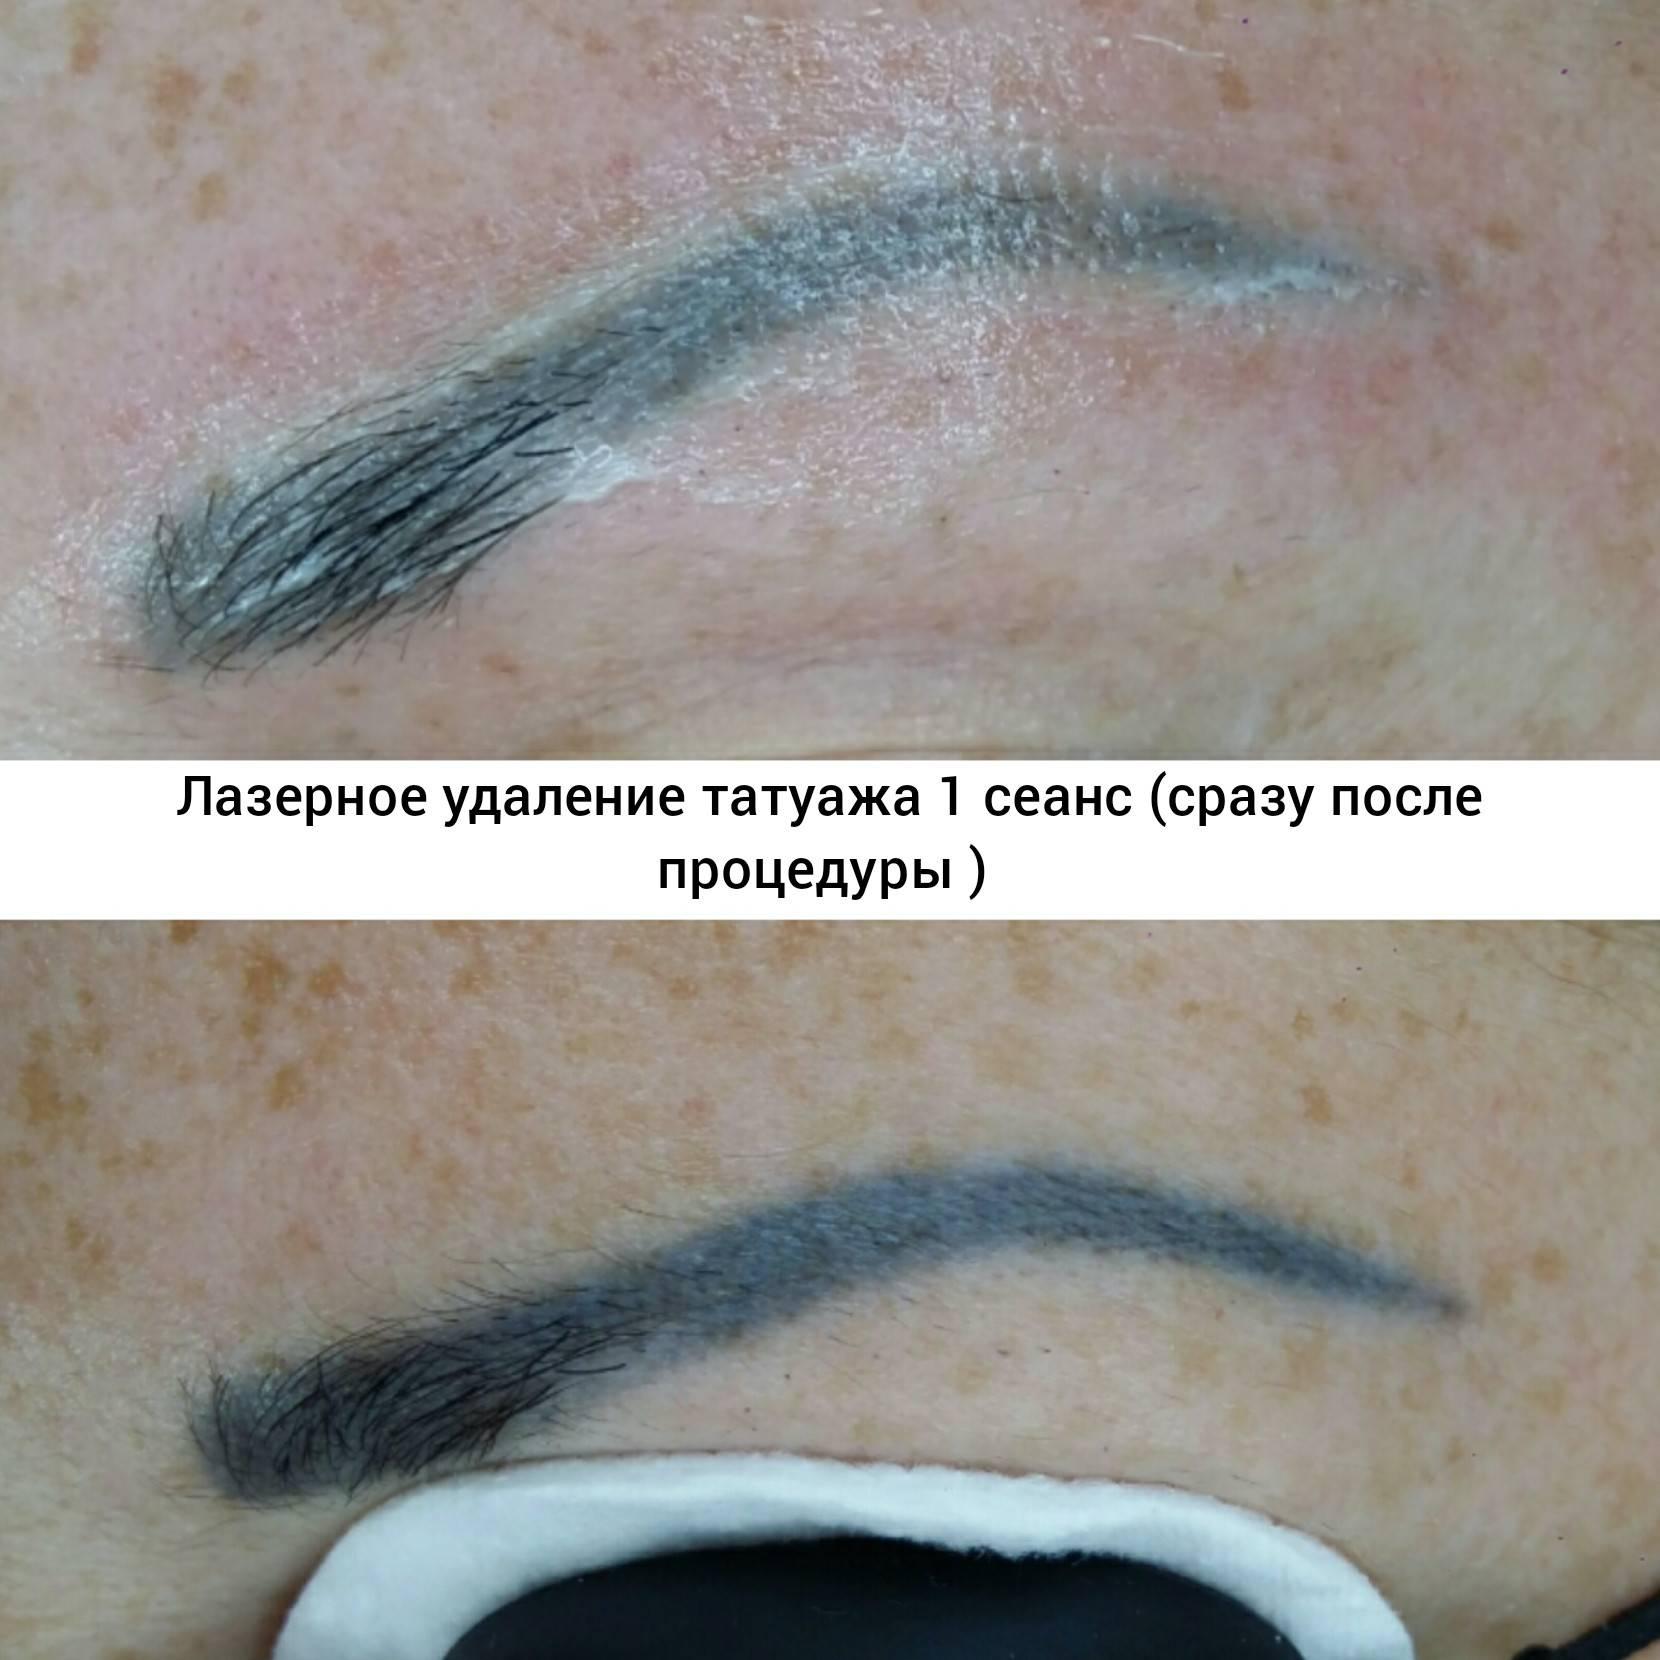 Удаление лазером татуажа бровей: фото до и после, отзывы